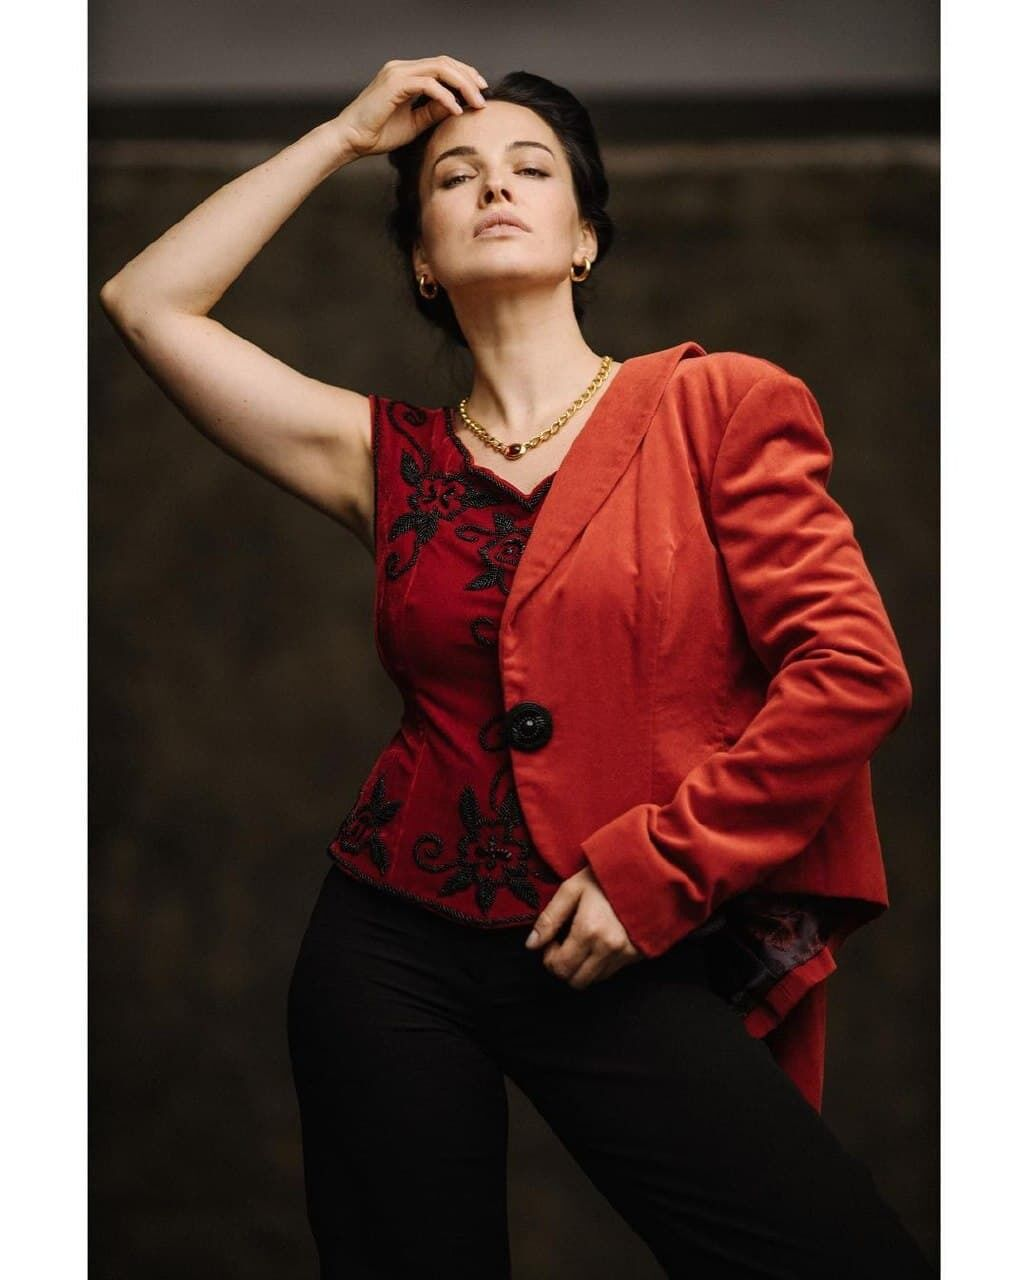 Даша Астаф'єва знялася у фотосесії.